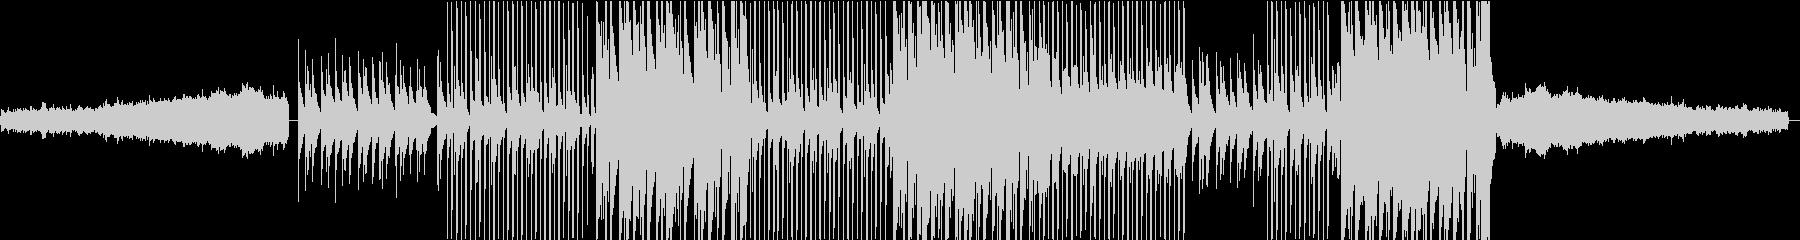 非常にアグレッシブなシンセリードを...の未再生の波形